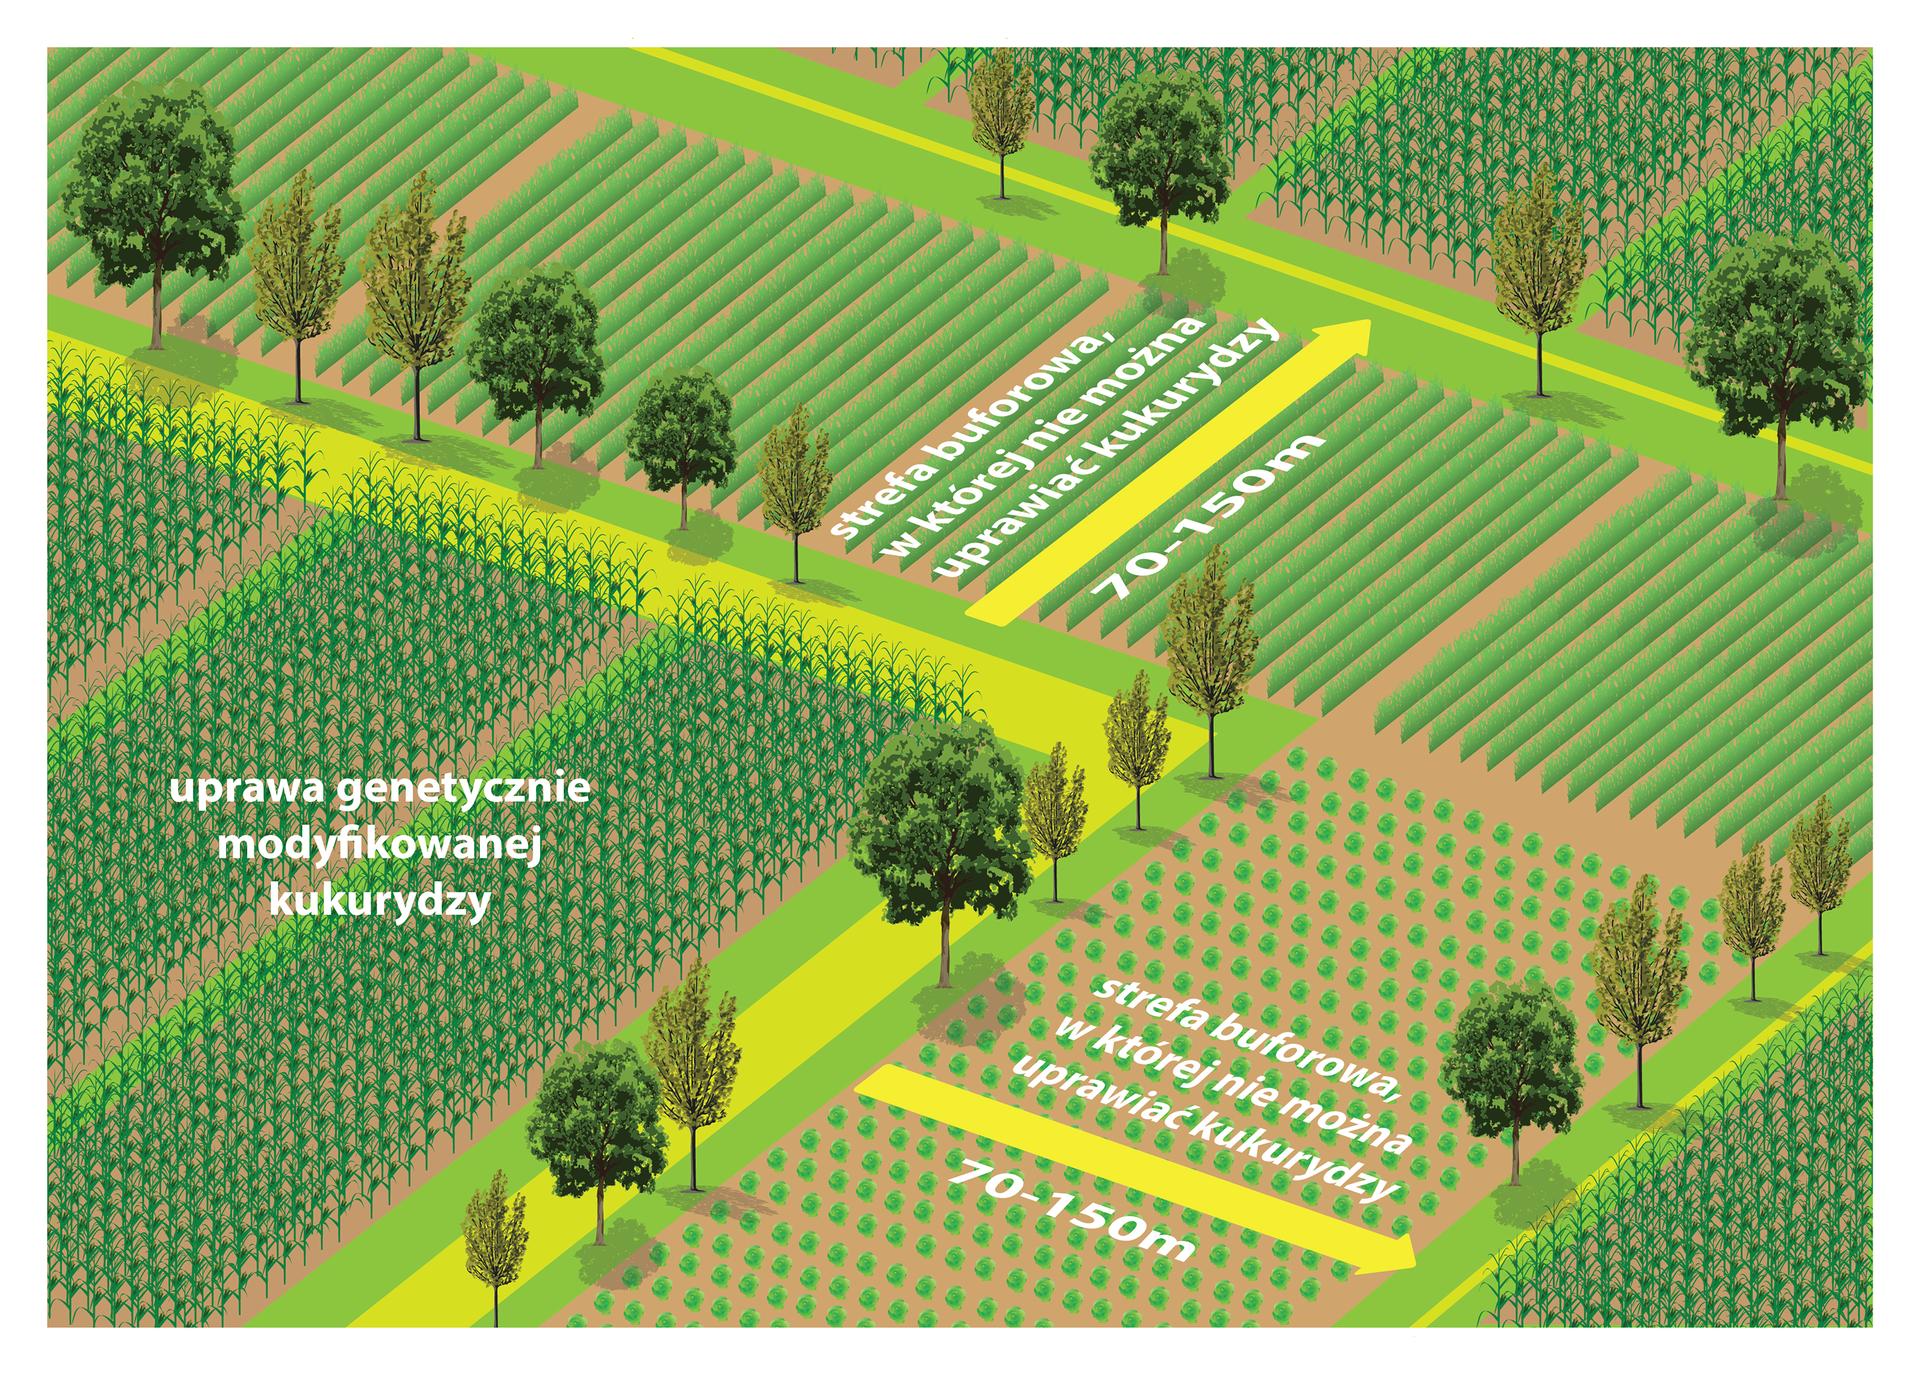 Ilustracja przestawia schemat pól uprawnych wkolorach różowym ibeżowym. Na ilustracji umieszczono także wizerunki drzew między polami. Po lewej stronie znajduje się fragment pola zgenetycznie modyfikowaną kukurydzą. Na polach obok niej znajdują się żółte strzałki zinformacją oodległości 70 do 150 metrów od innych upraw.